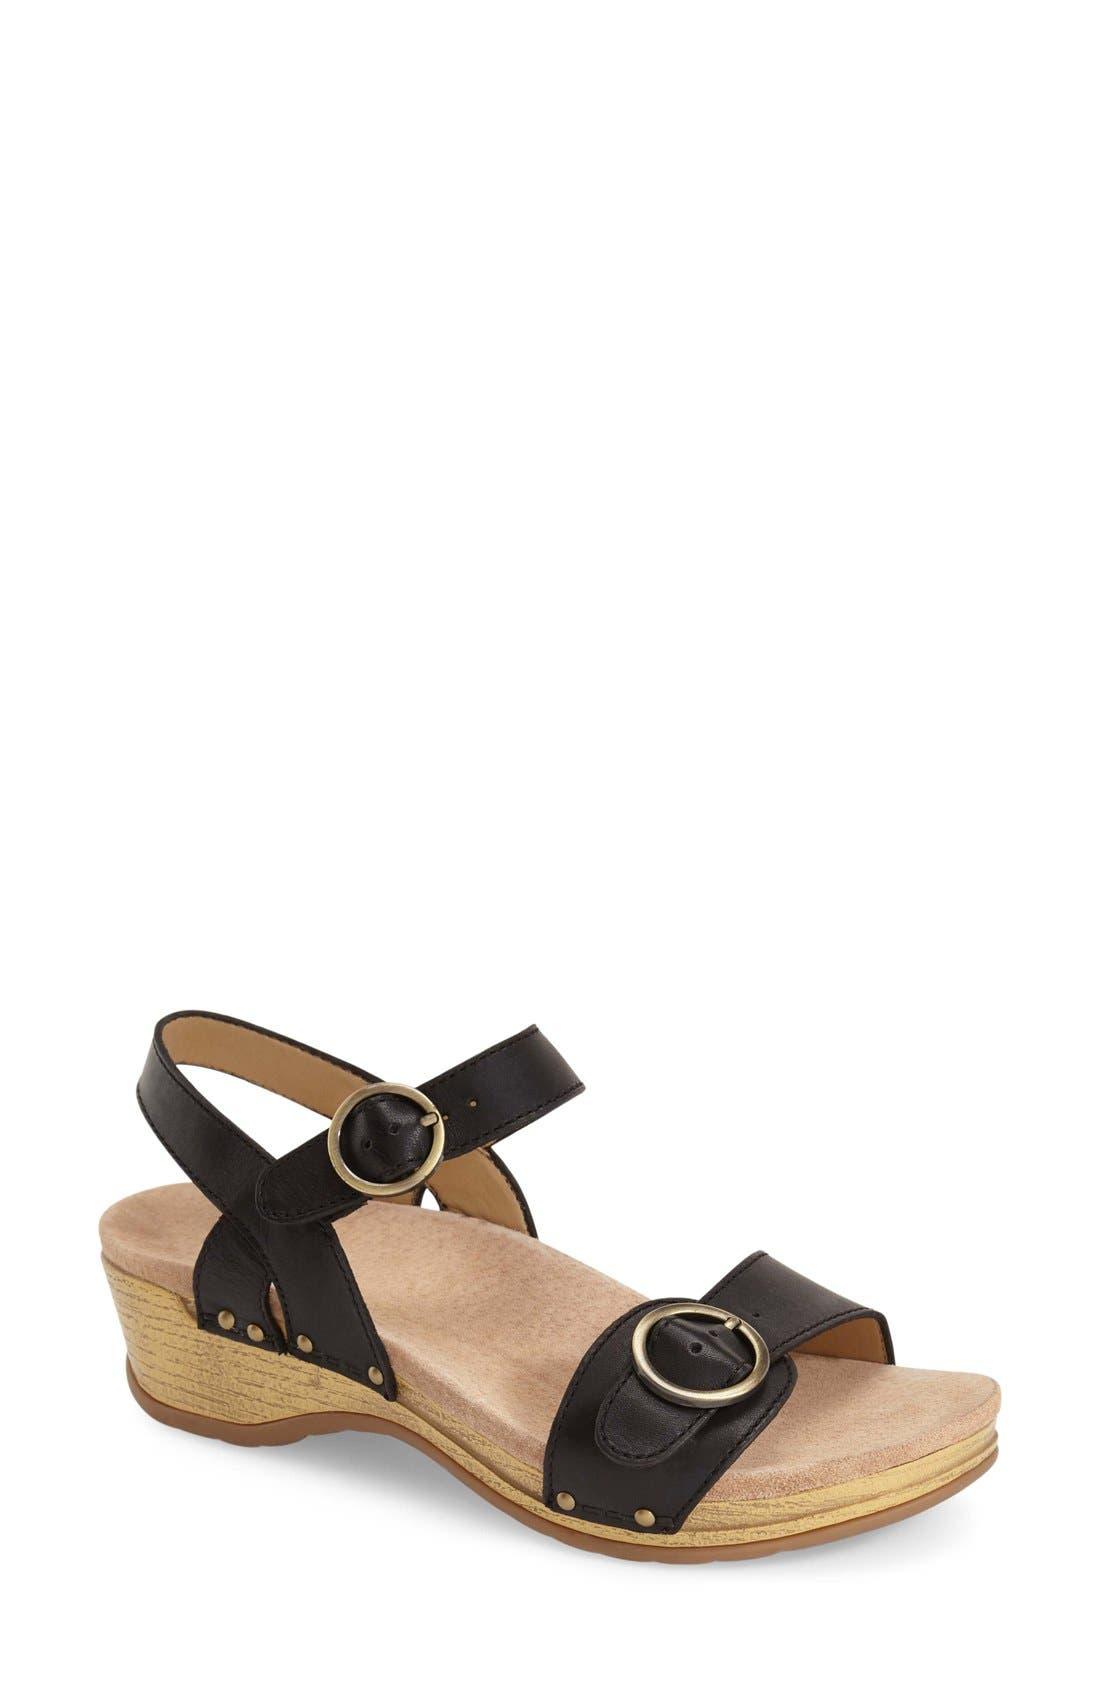 DANSKO 'Mabel' Quarter Strap Sandal